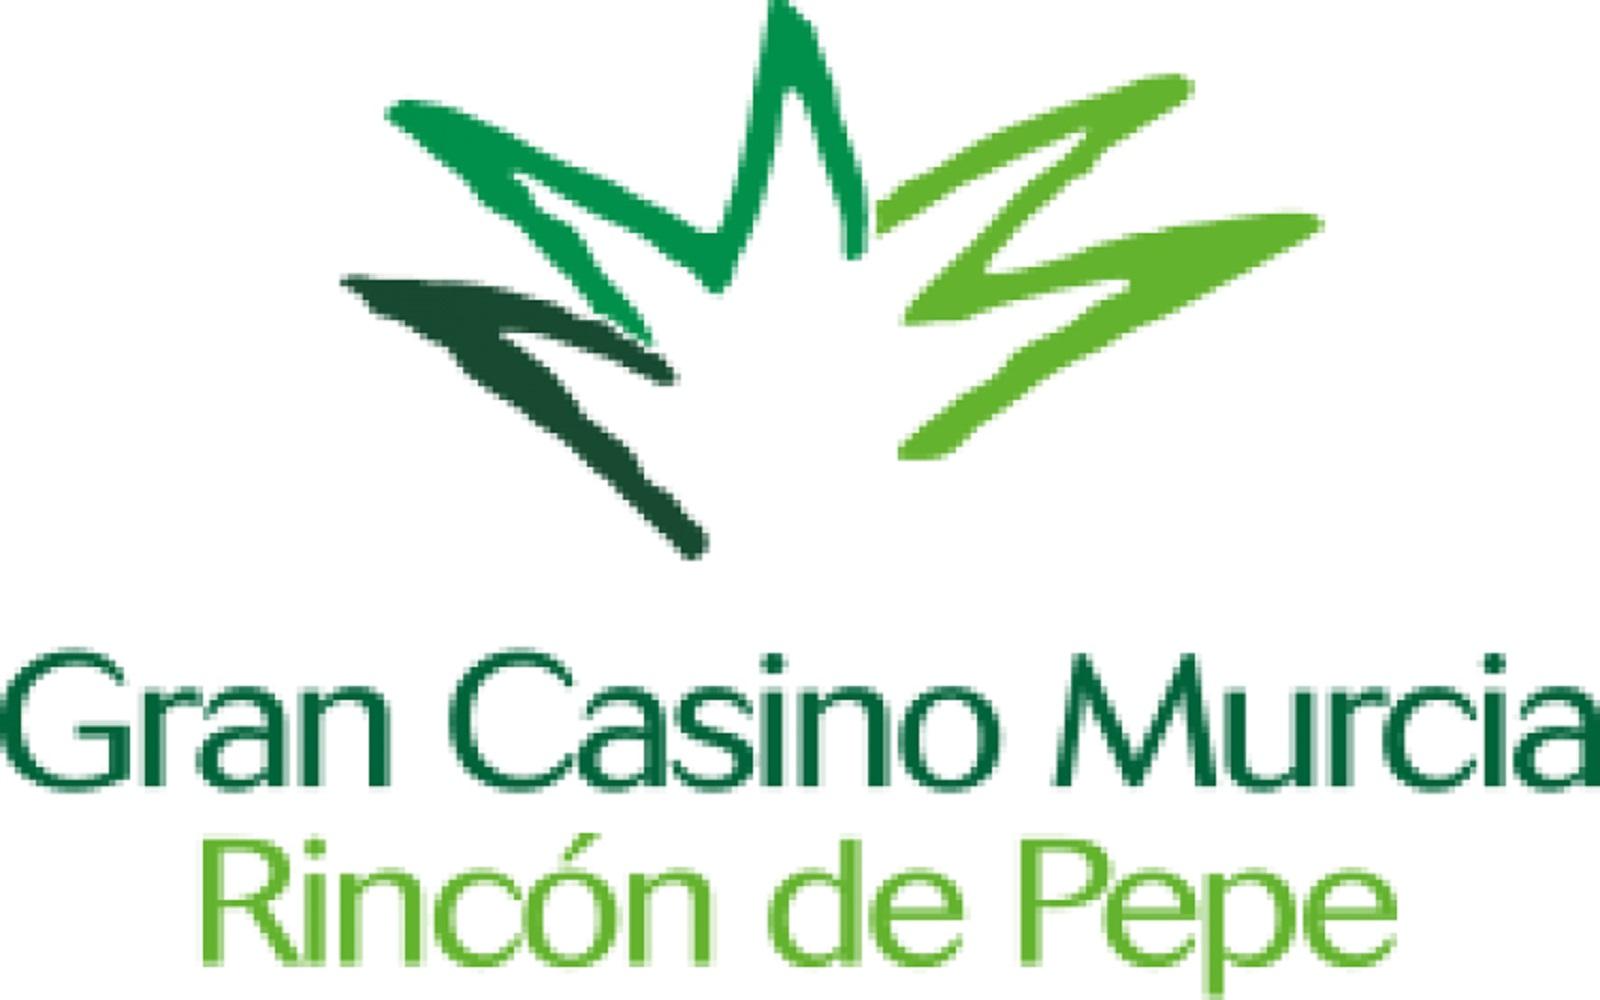 Gran Casino Murica